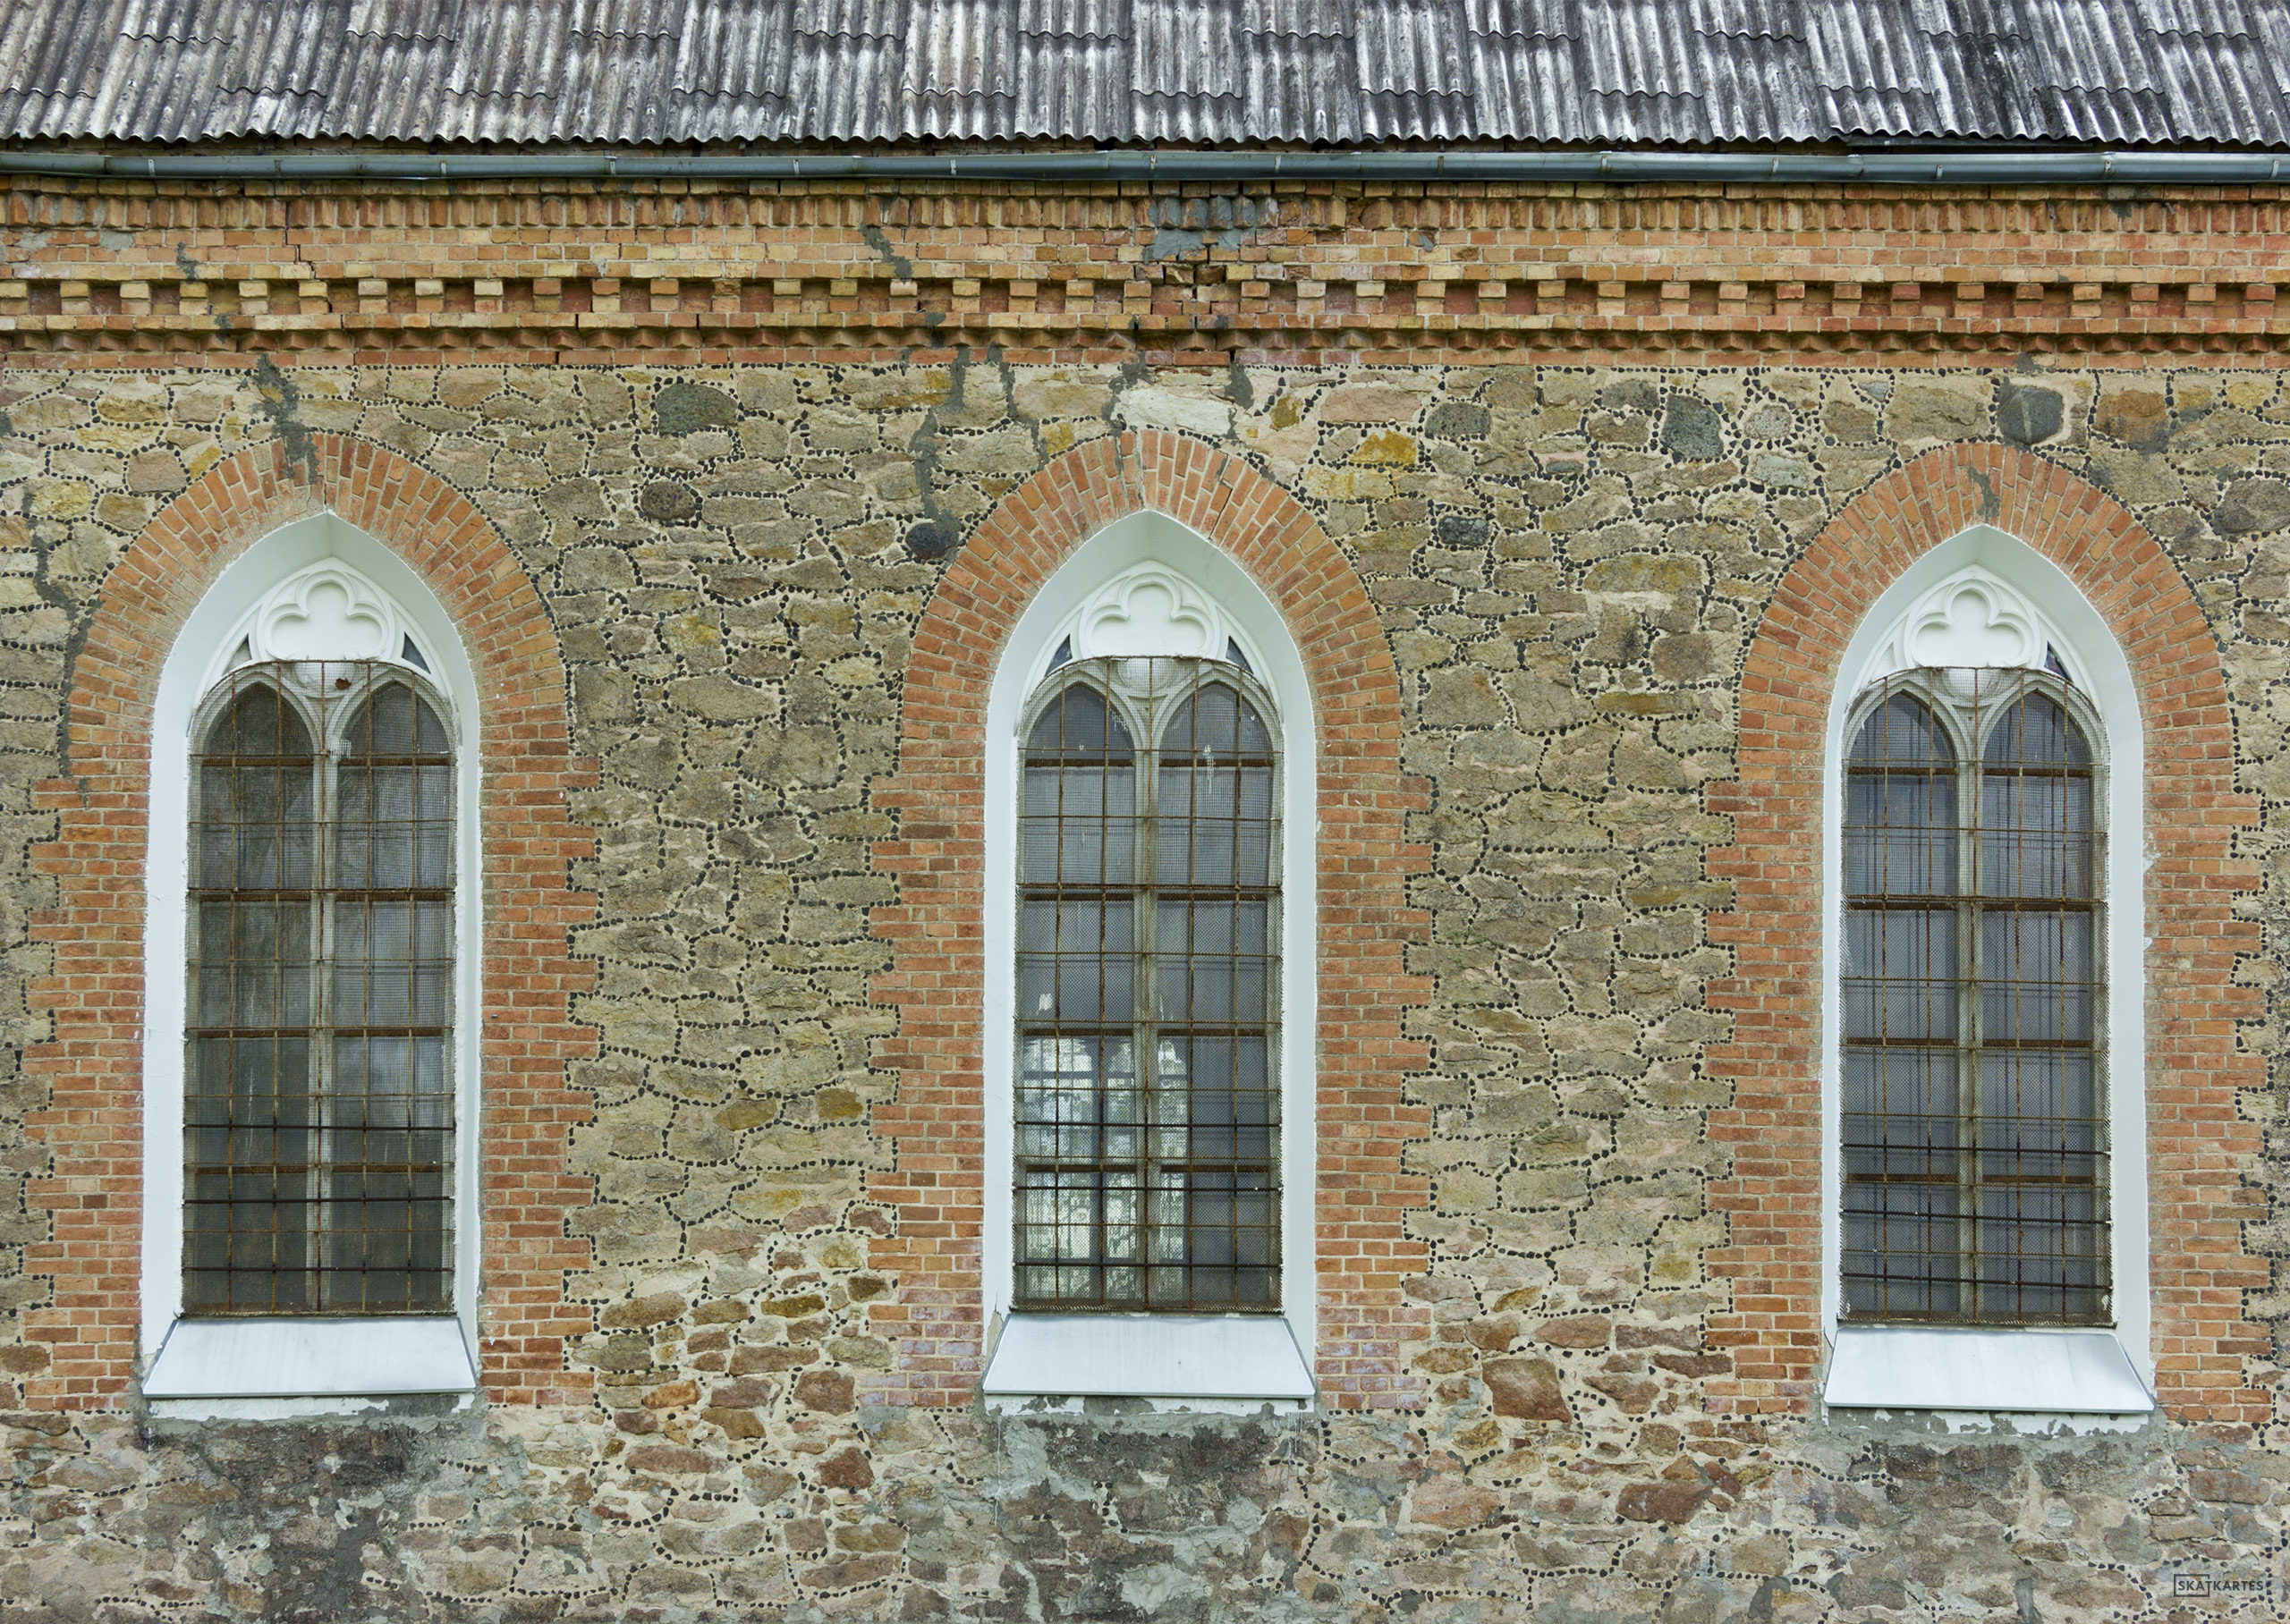 Skatkarte Nr. 1146 - Dalbes evanģēliski luteriskā baznīca (2015. gada maijs).